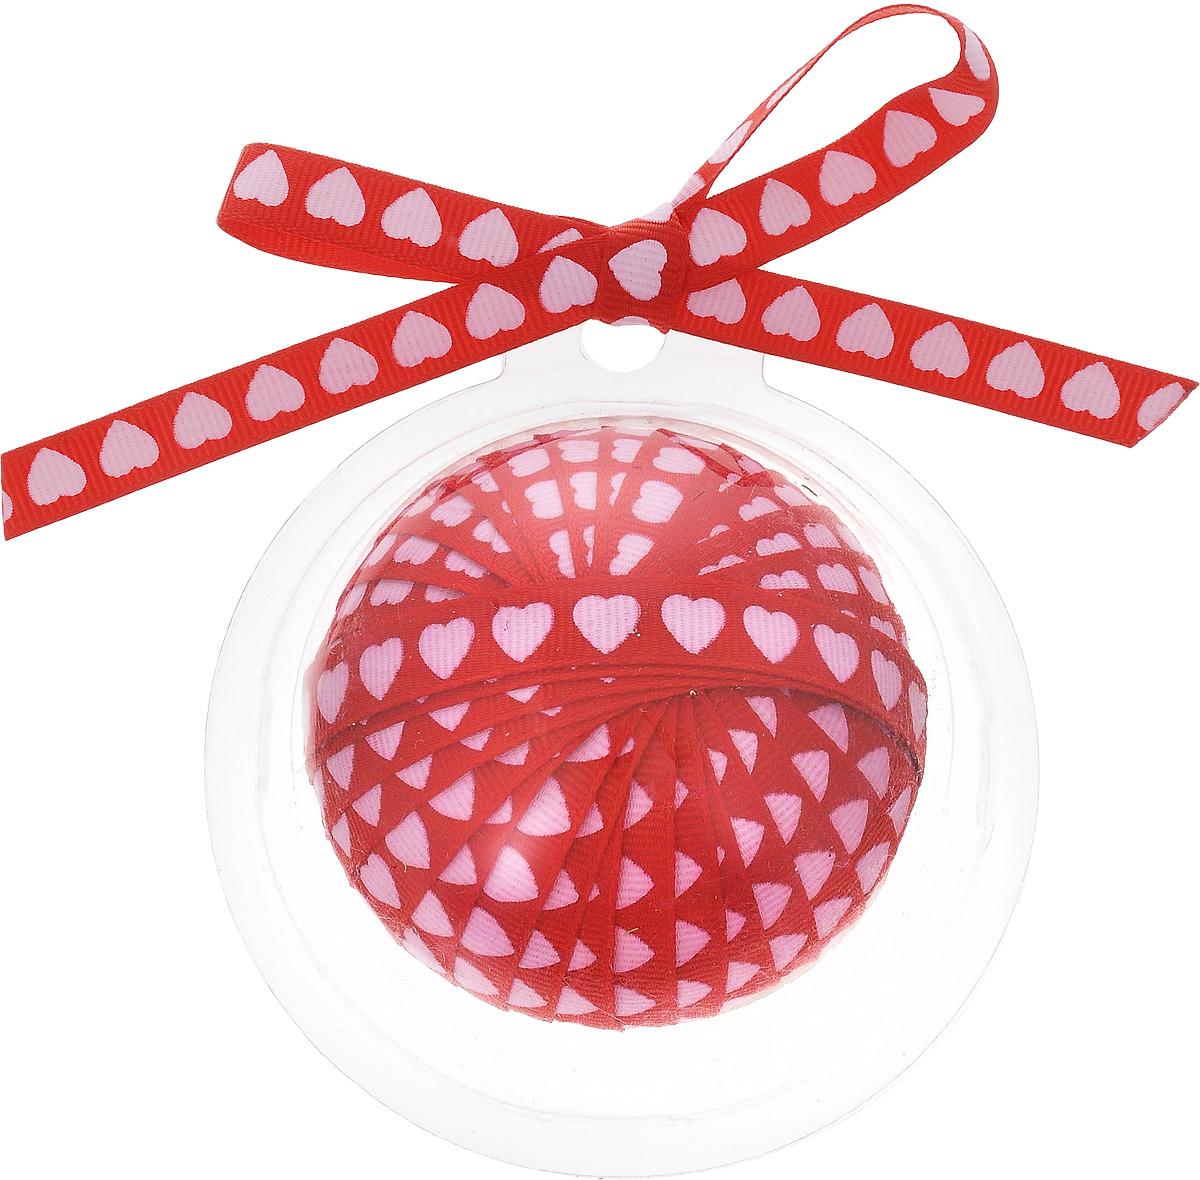 Лента новогодняя Winter Wings, цвет: красный, светло-розовый, 1 см х 3 мAM568011Декоративная лента Winter Wings выполнена из полиэстера. Она предназначена для оформления подарочных коробок, пакетов. Кроме того, декоративная лента с успехом применяется для художественного оформления витрин, праздничного оформления помещений, изготовления искусственных цветов. Декоративная лента украсит интерьер вашего дома к праздникам.Ширина ленты: 1 см.